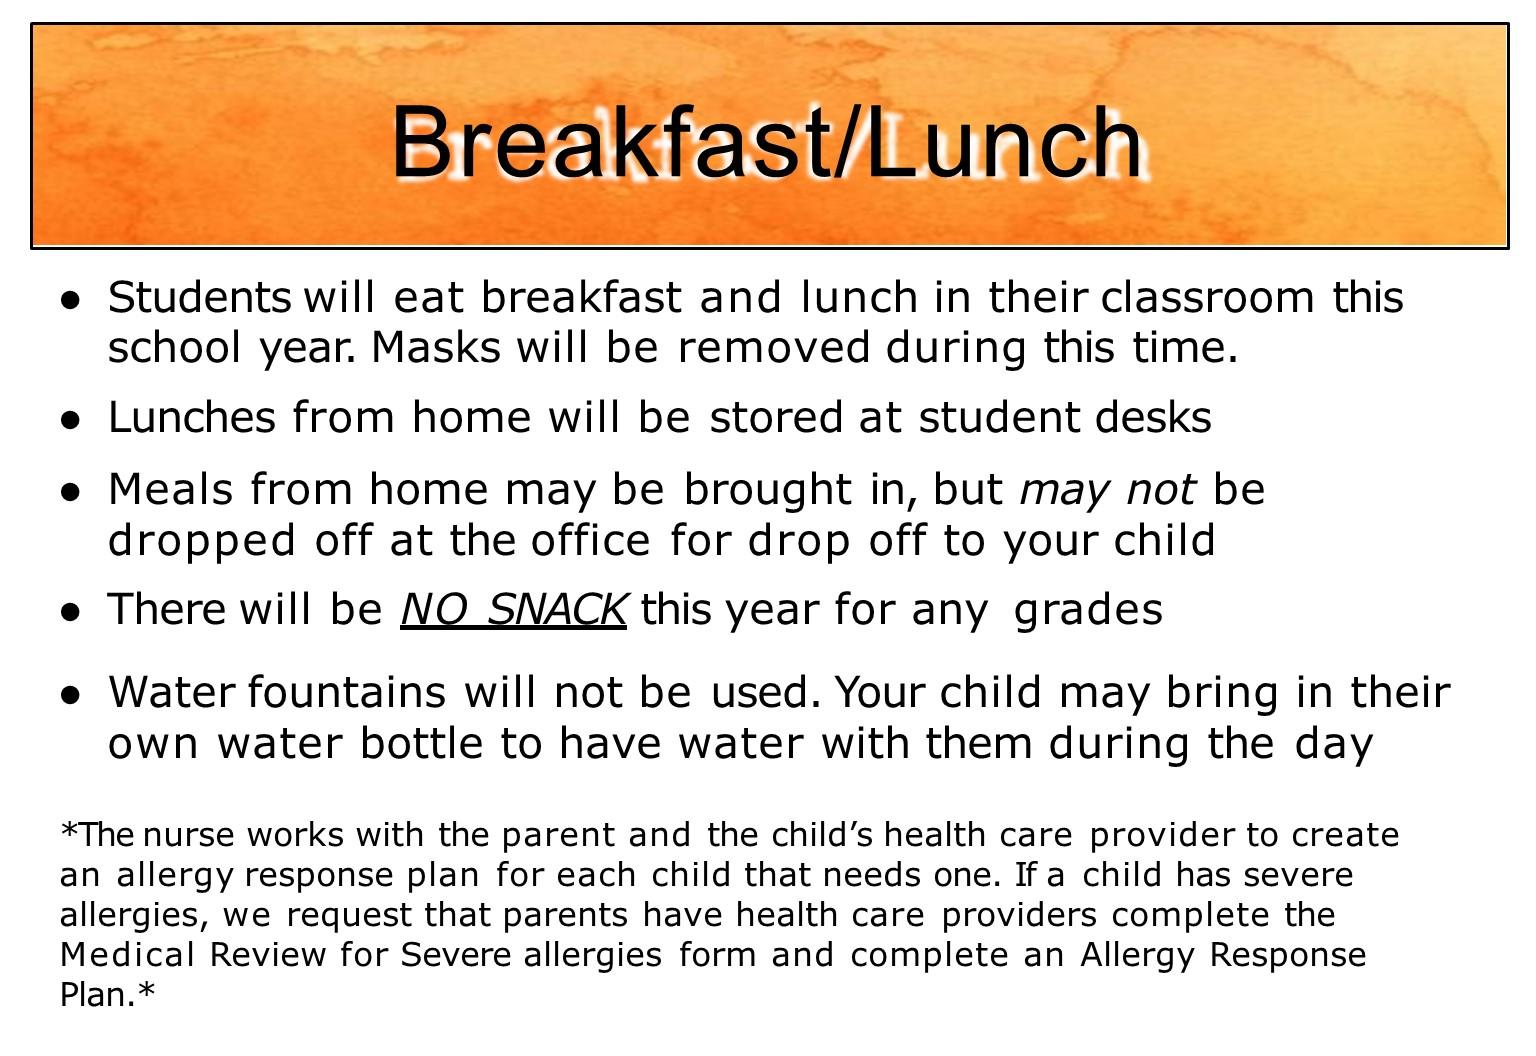 Breakfast schedule